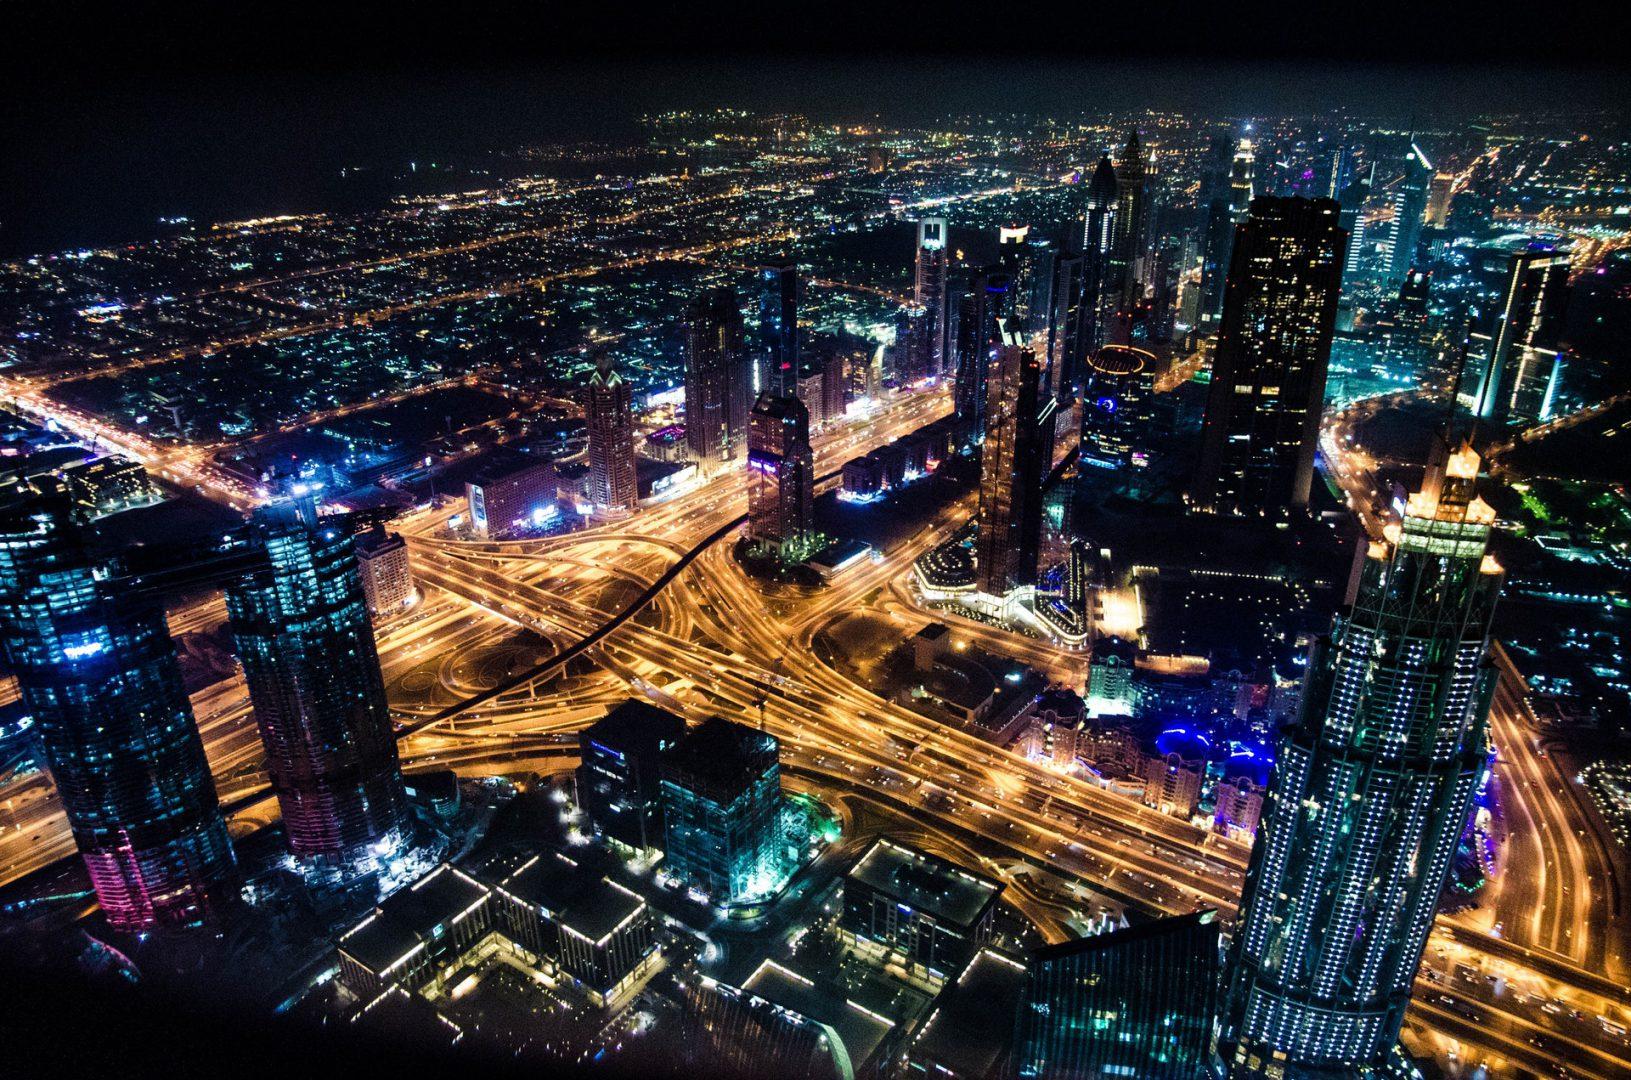 Obraz przedstawia miasto nocą